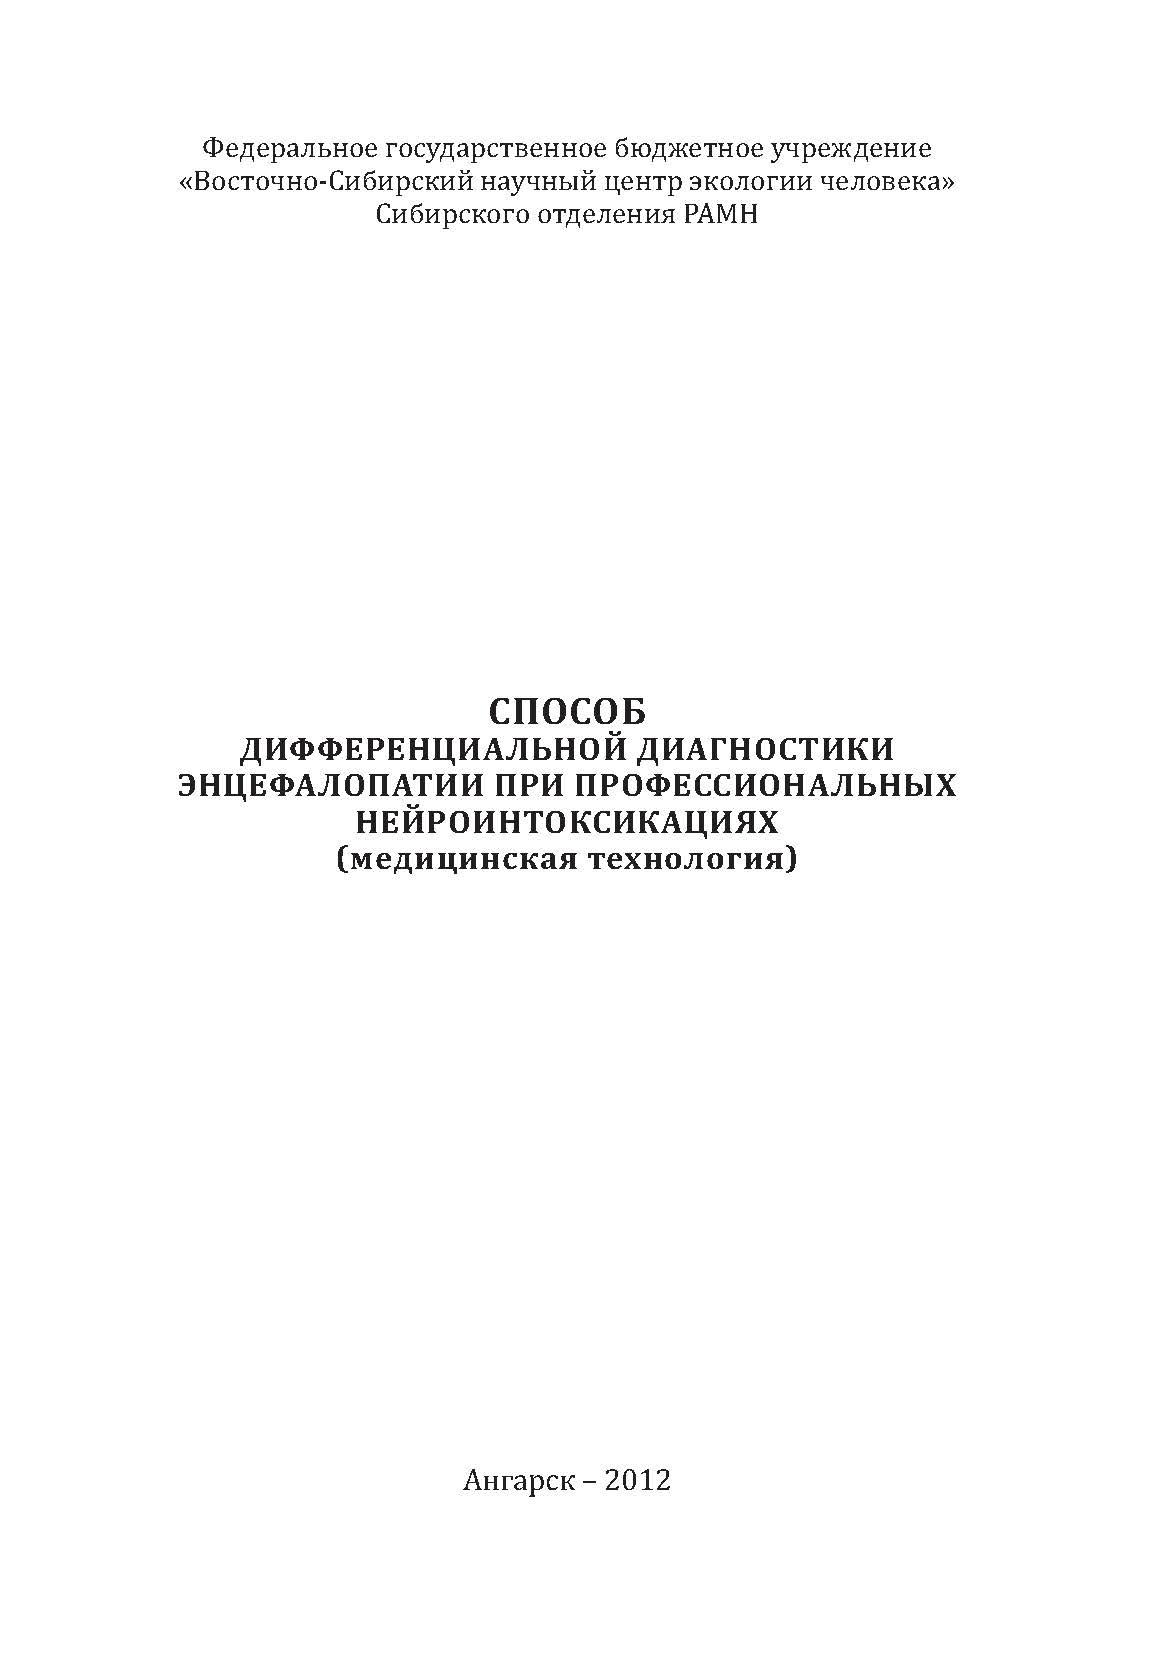 Ангарск_2012-1